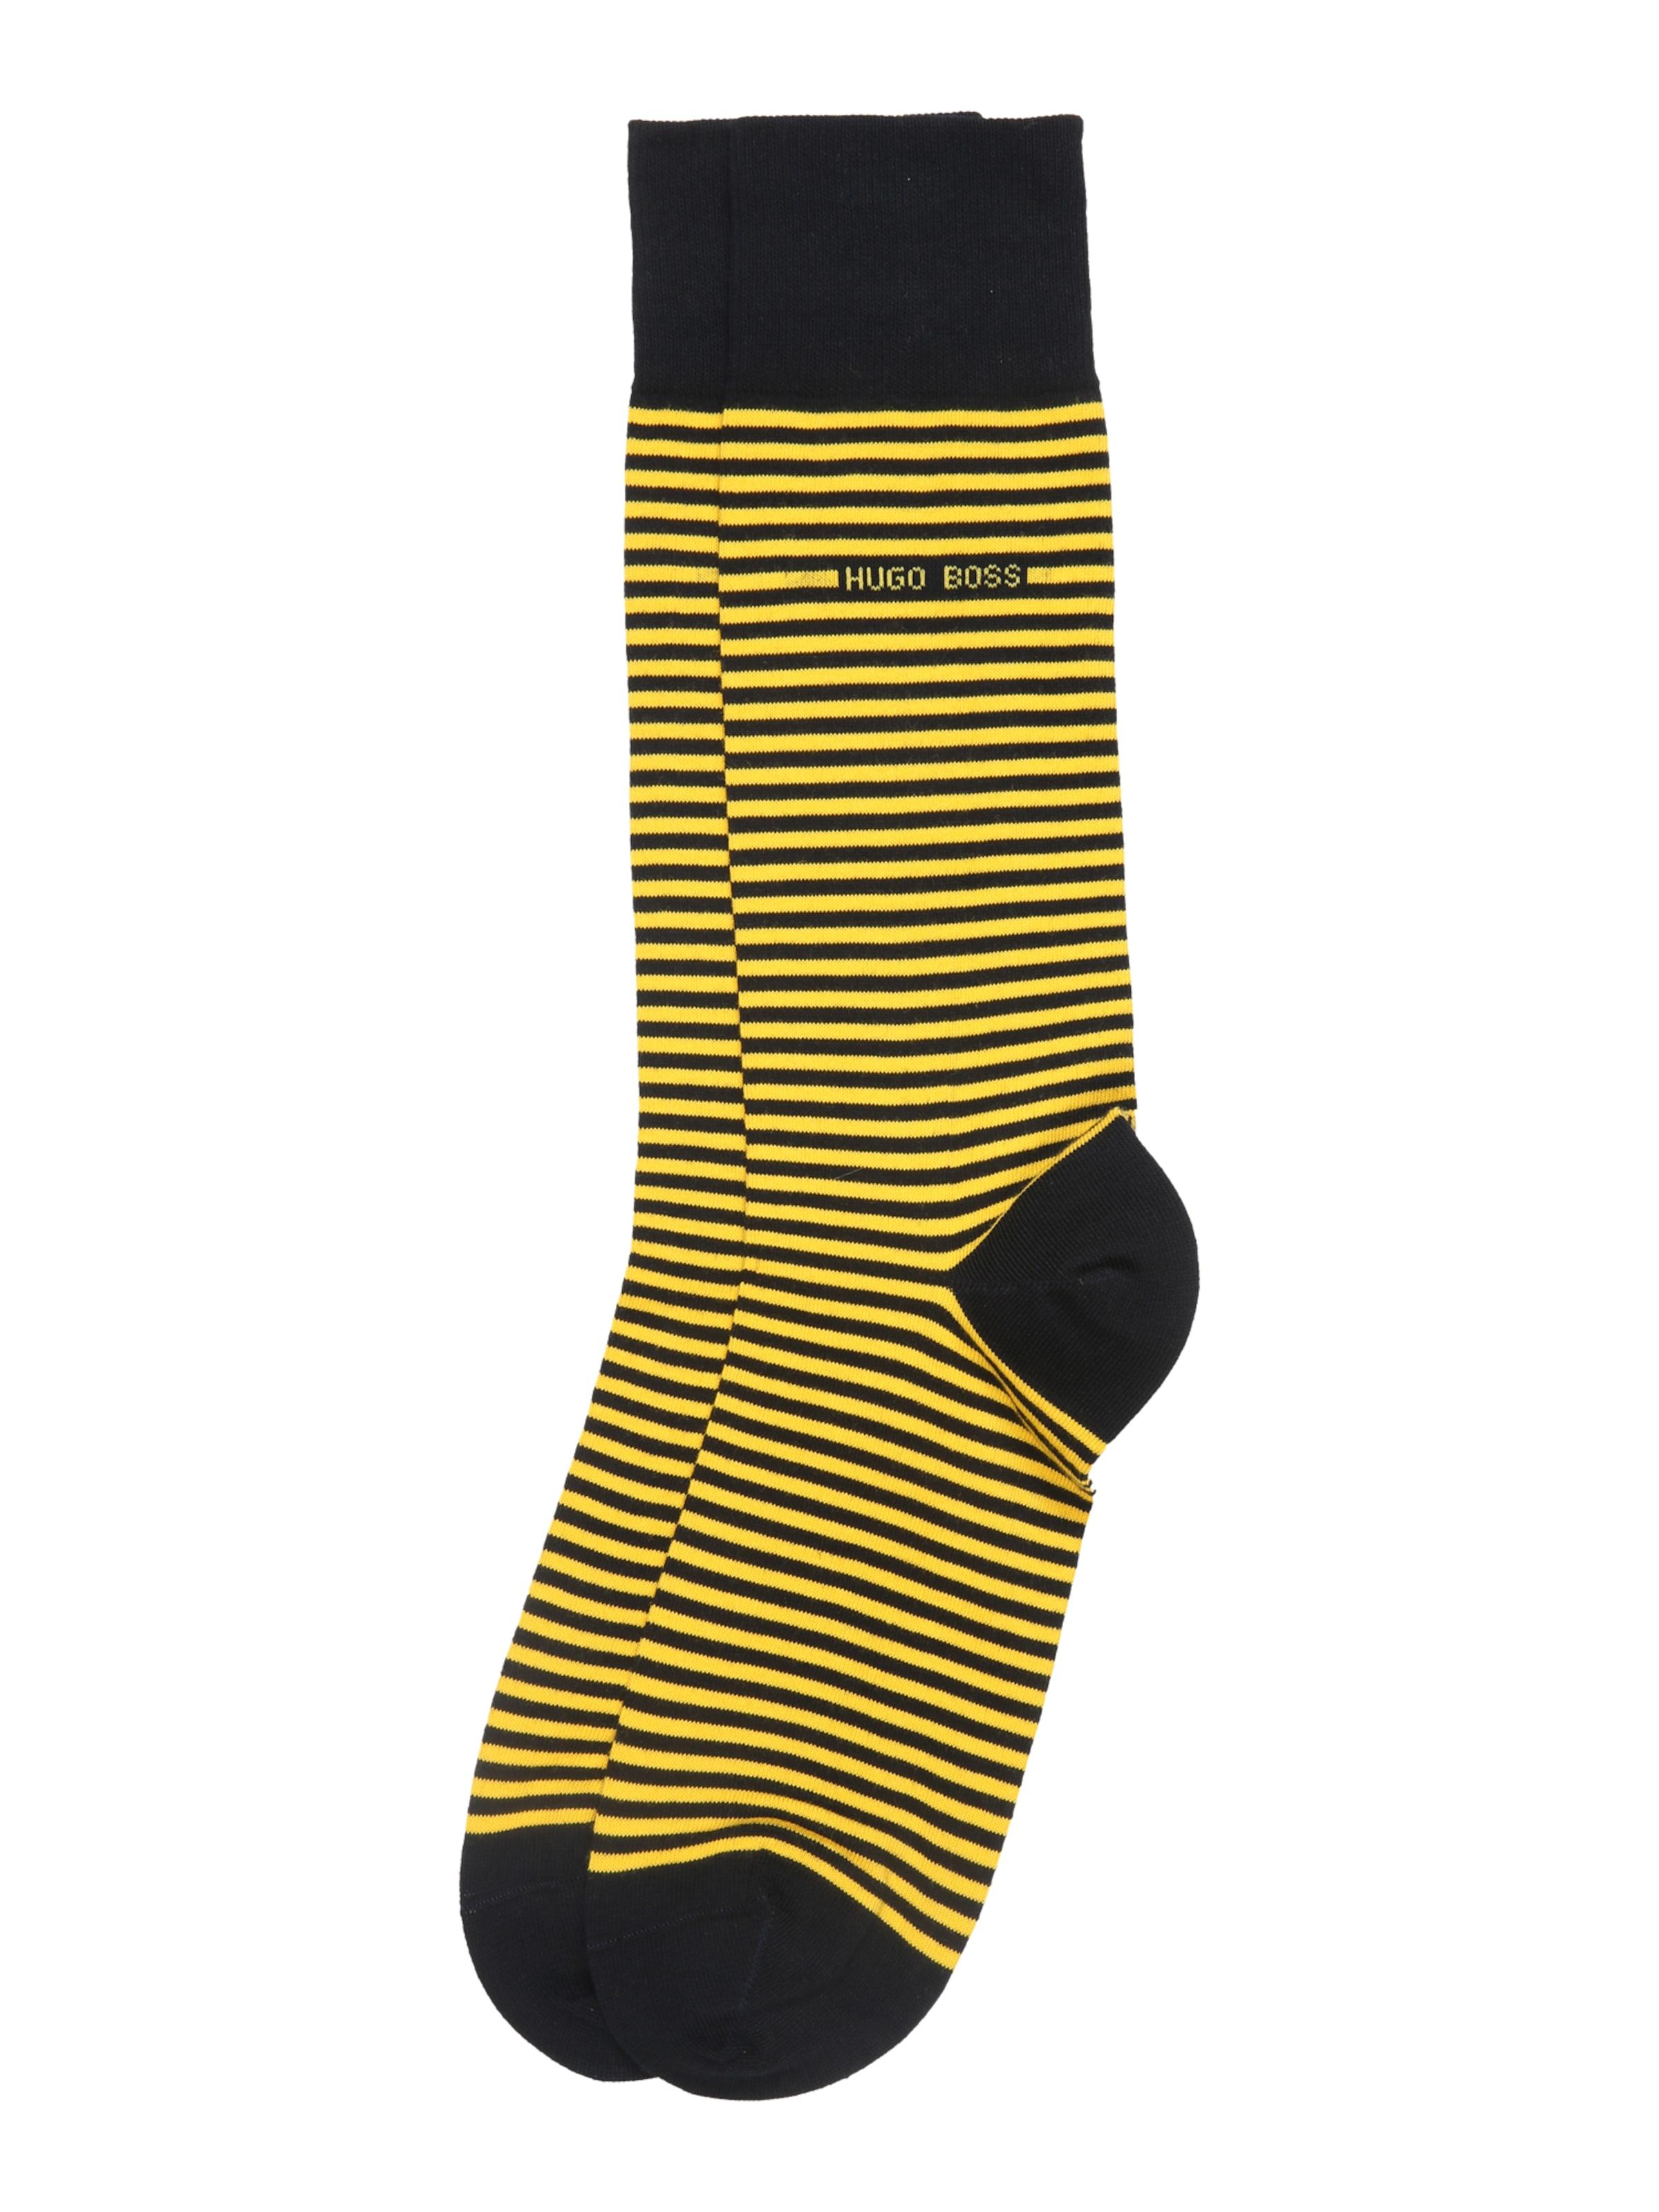 Billig Store BOSS Socken 'Marc' Steckdose Niedrigsten Preis Heiß Rabatt 100% Original Billig Offiziellen 2vQXW